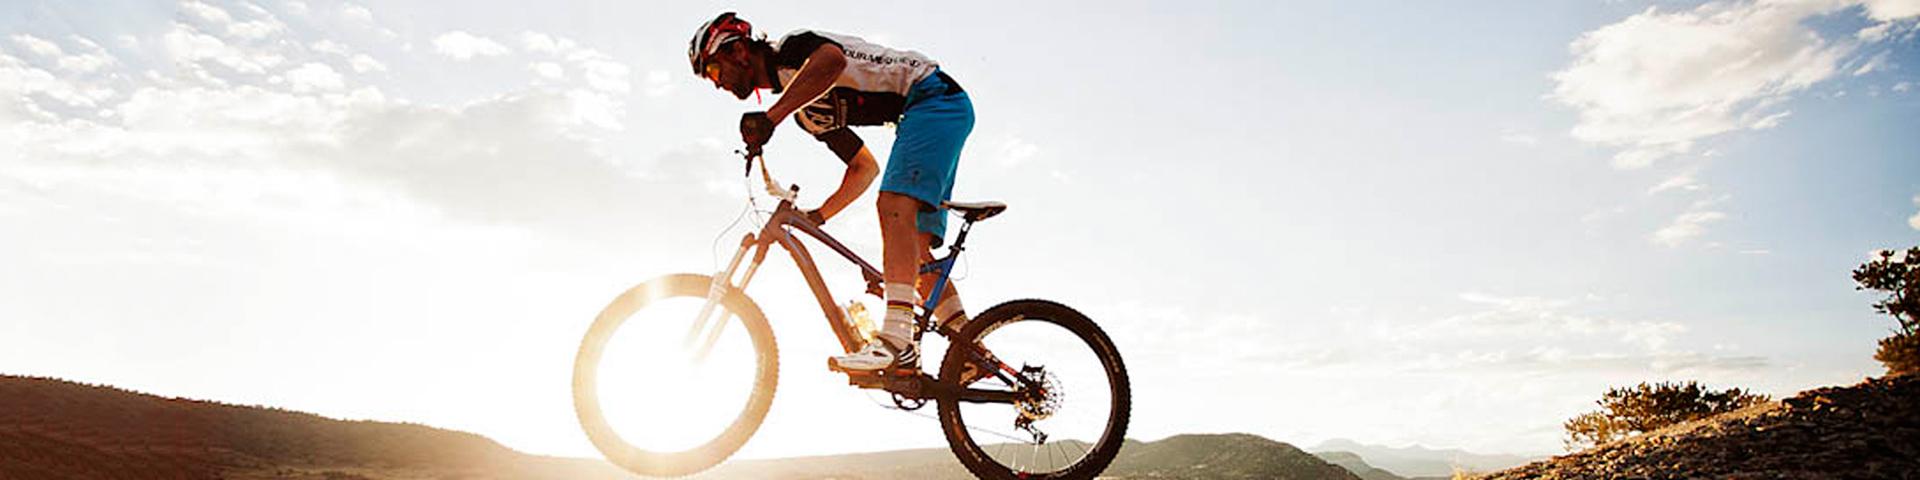 מוצרי לרוכבי אופניים ואירובי|SALE - CHAMPION SPORT